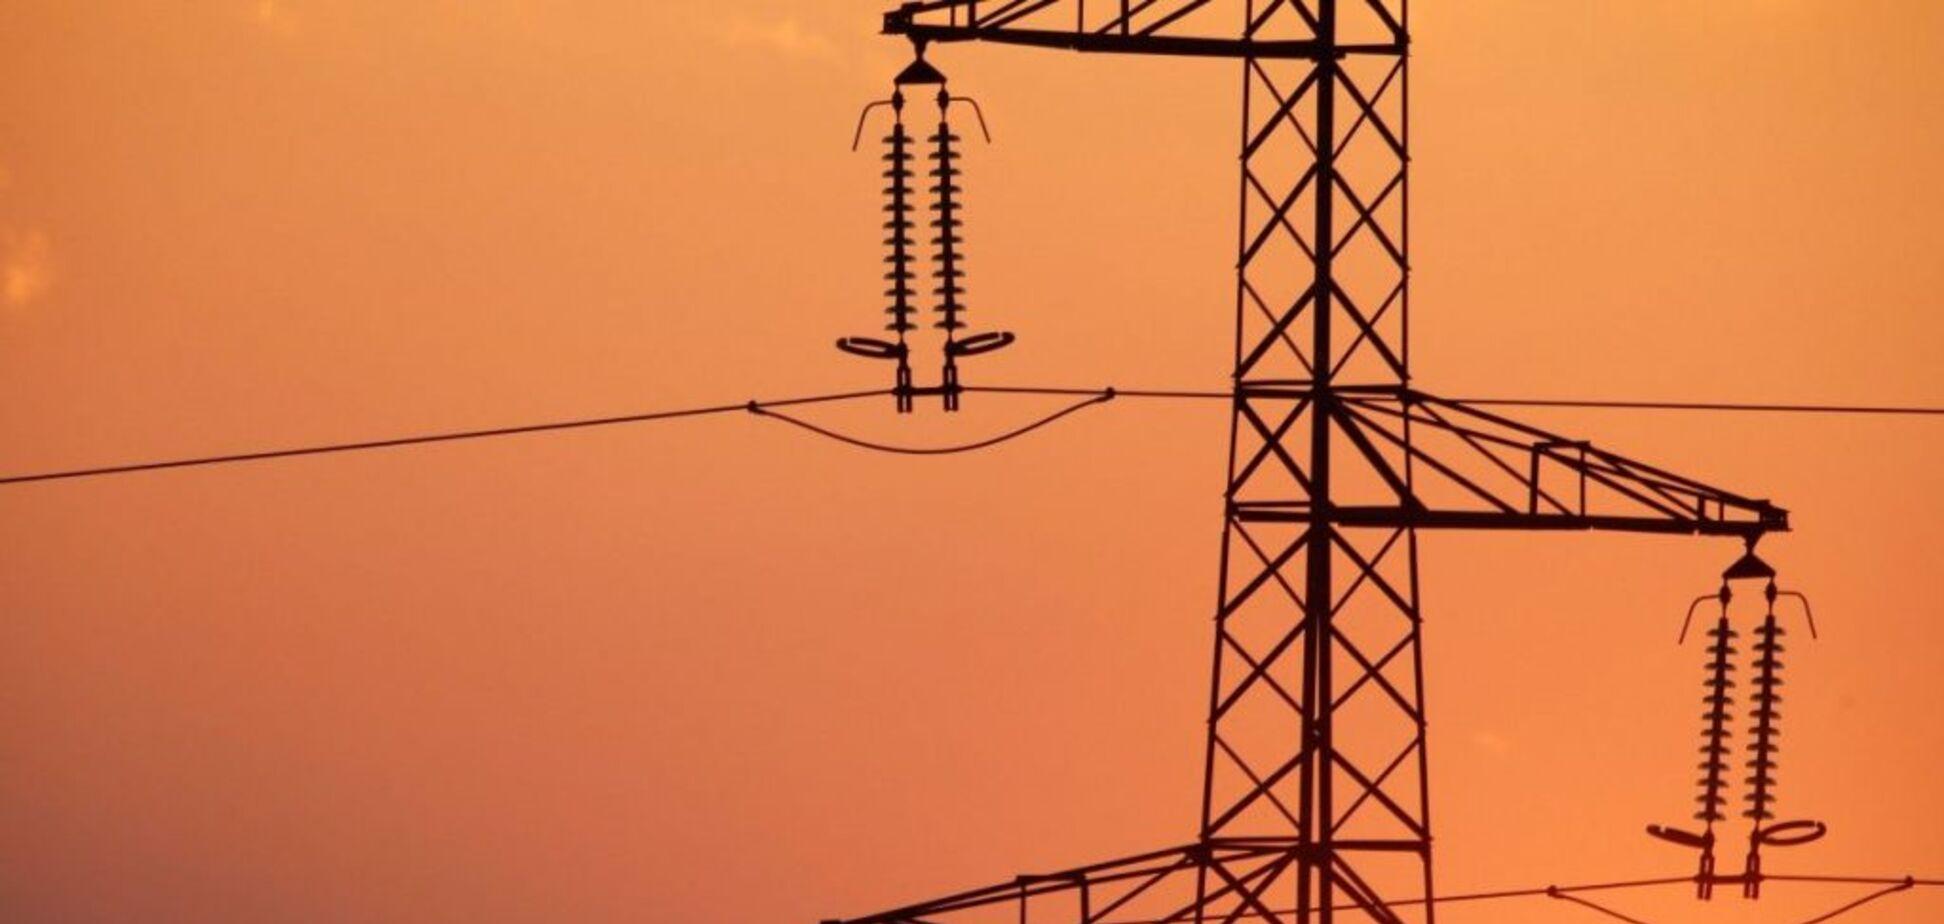 Самые высокие или низкие? Какие на самом деле цены на ток в Украине